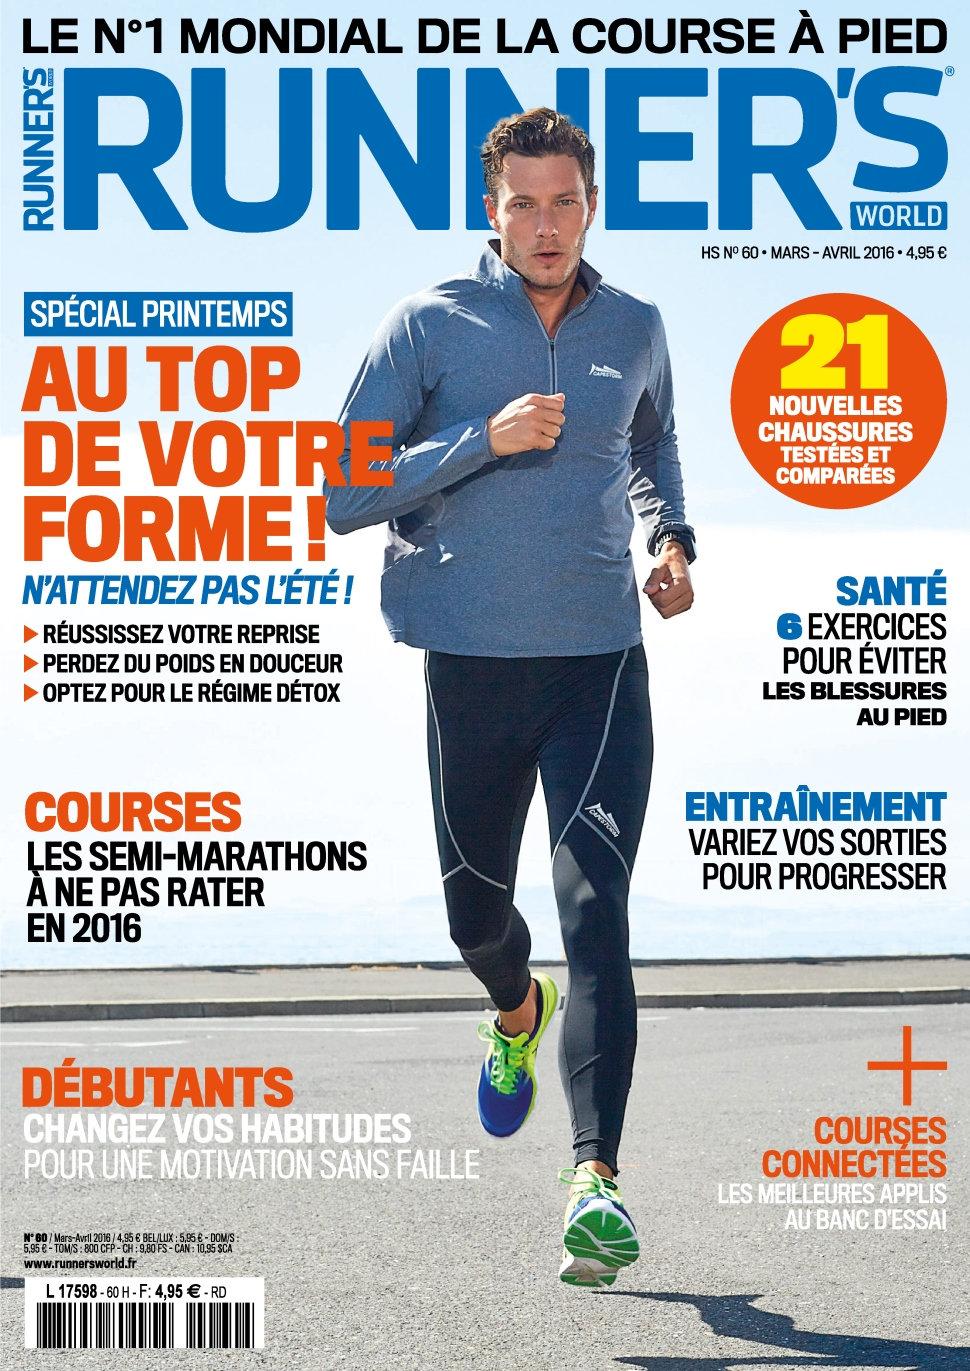 Runner's World N°60 - Mars/Avril 2016